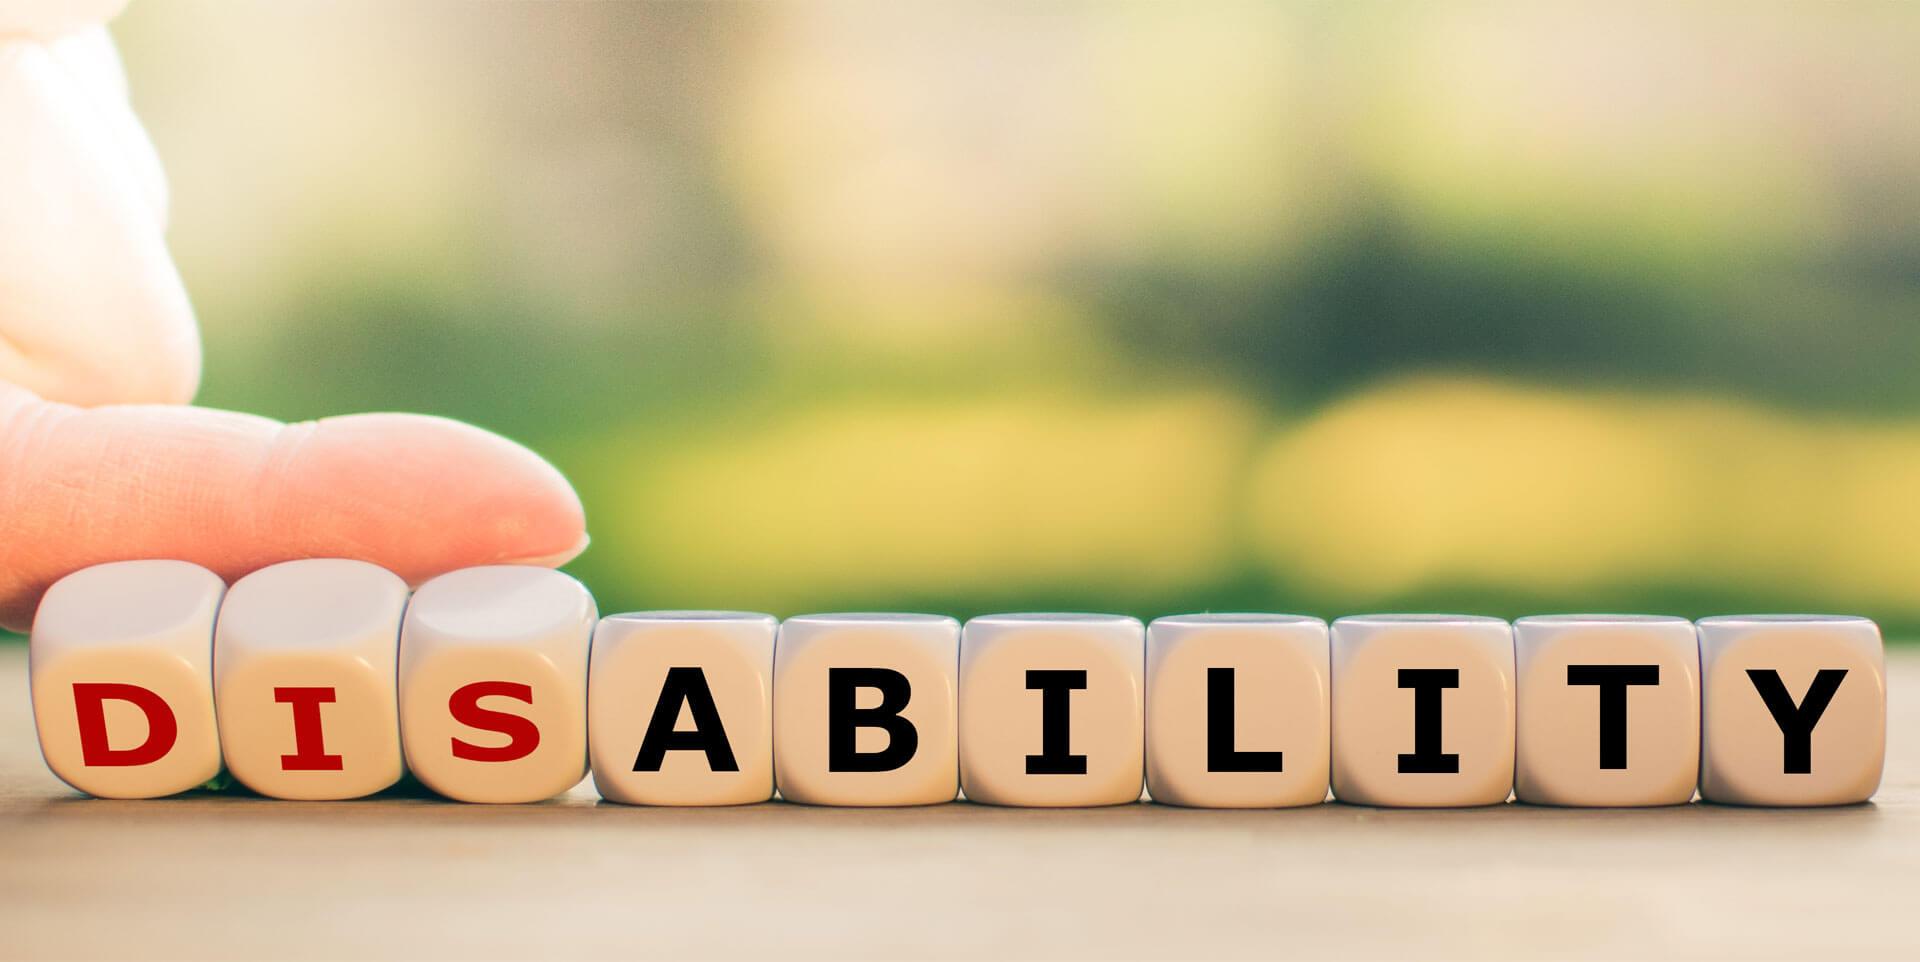 Personas con discapacidad por trastorno mental | Triangle Talent